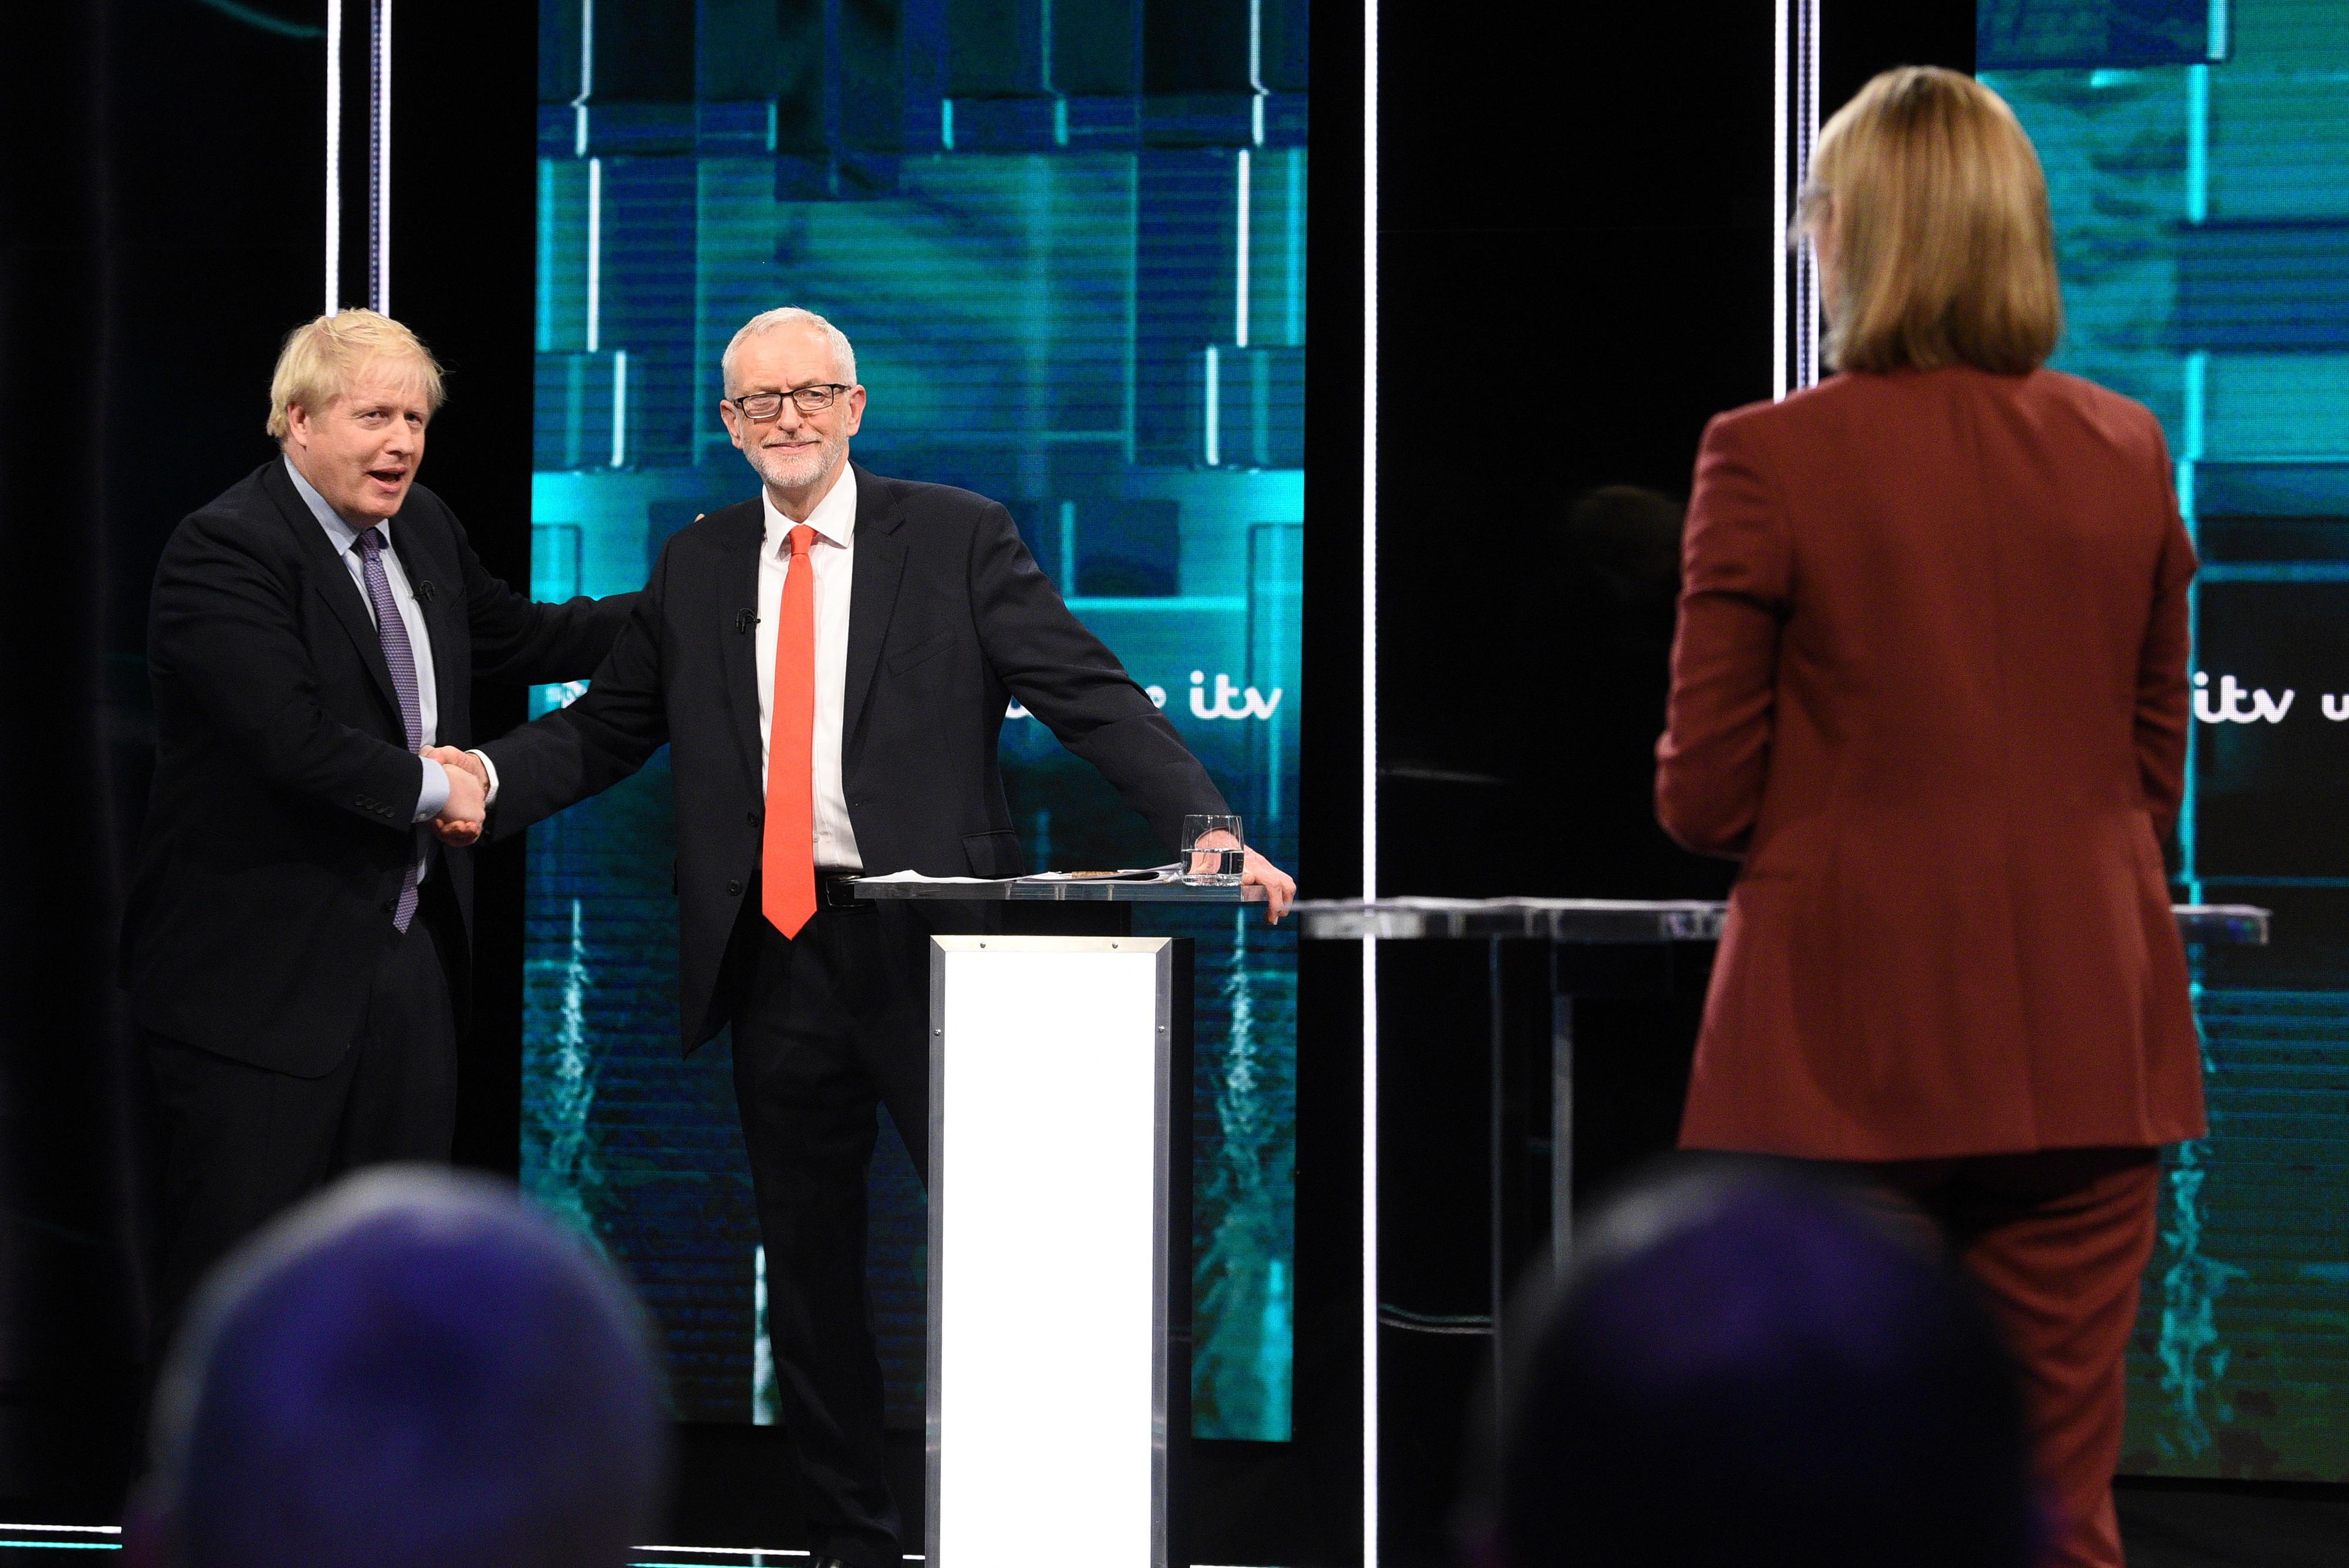 Corbyn Vs. Johnson. Um debate estéril e sem vencedor, dizem os britânicos